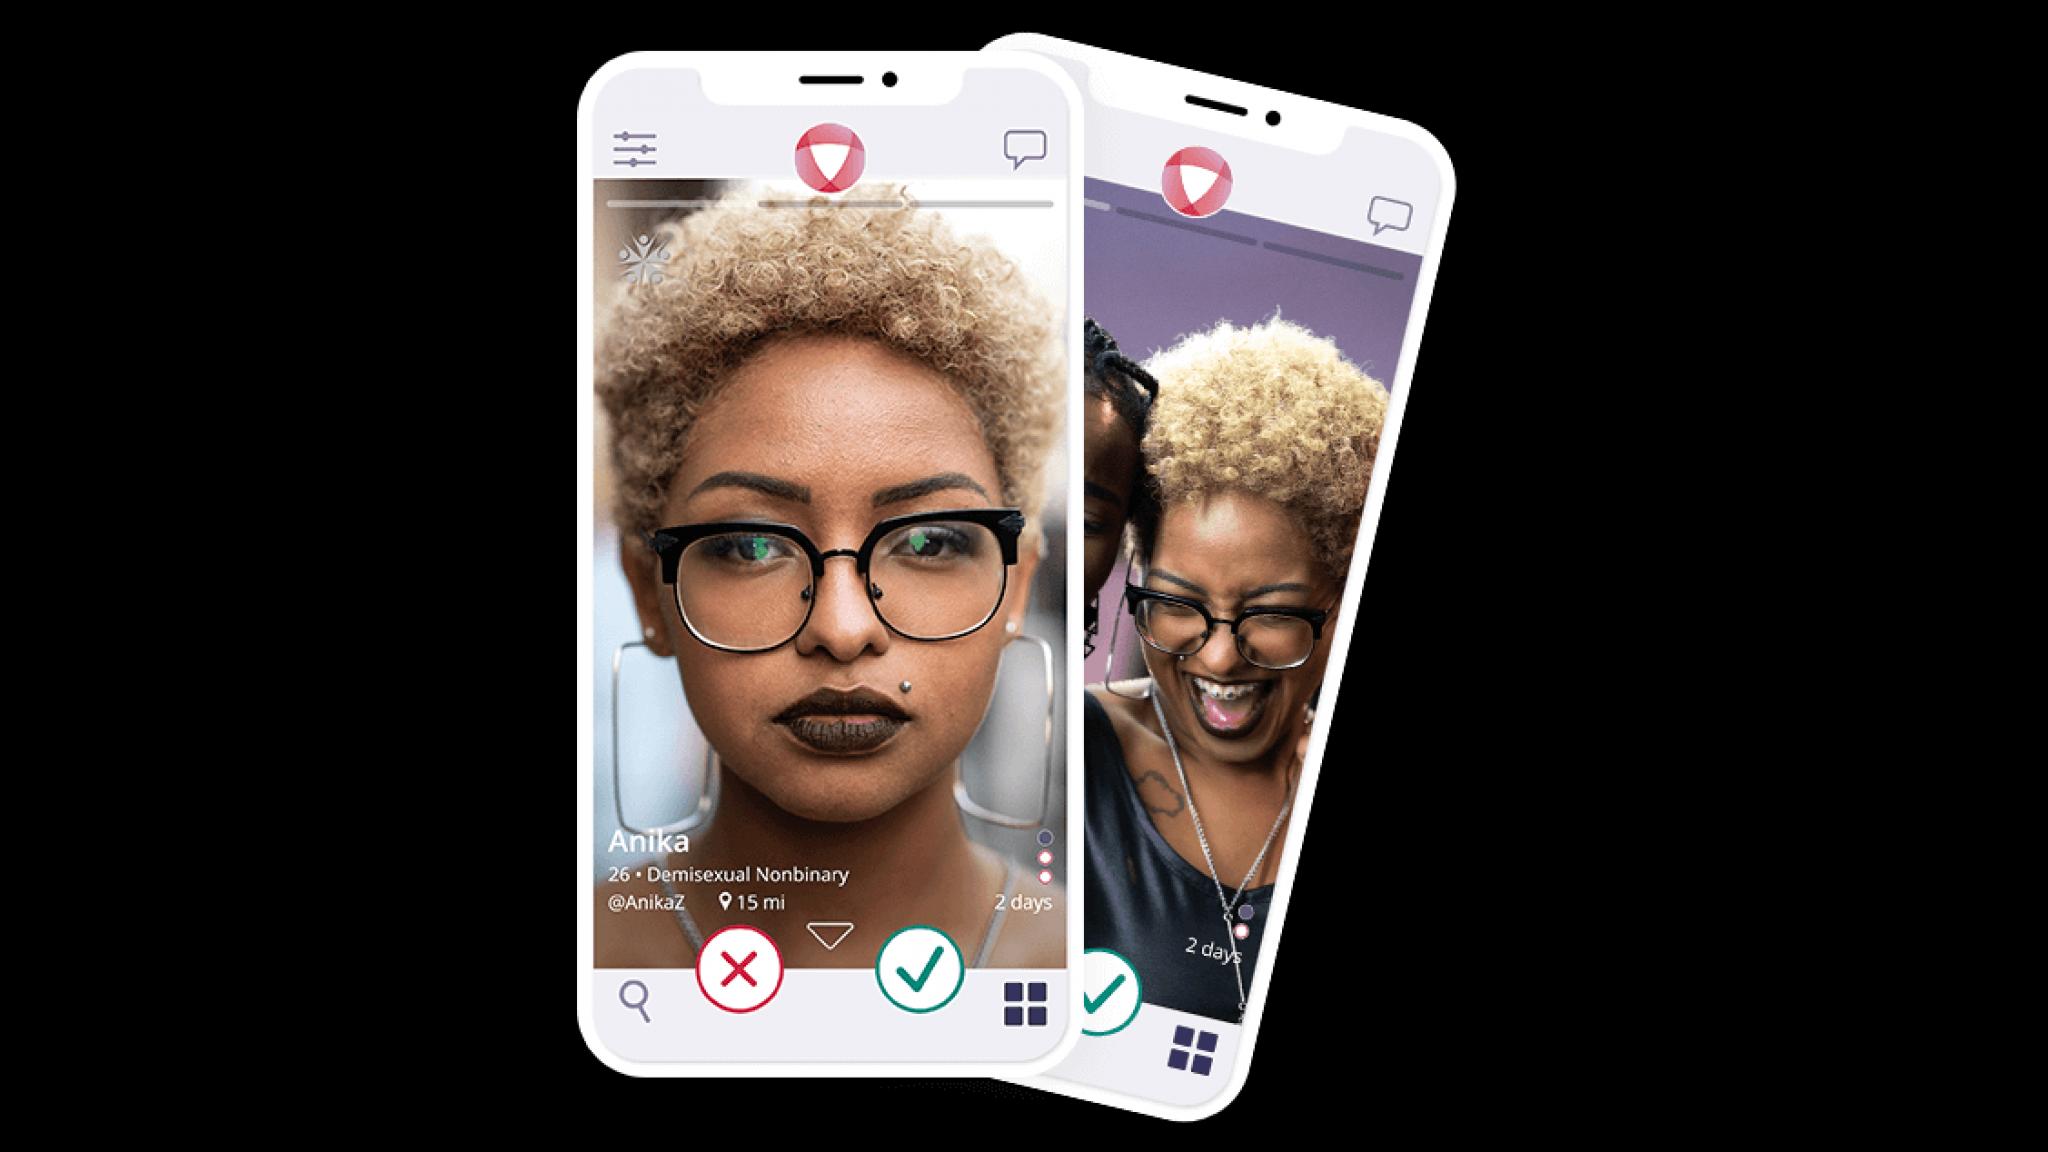 Google verwijdert datingapp voor niet-monogame relaties - RTL Nieuws